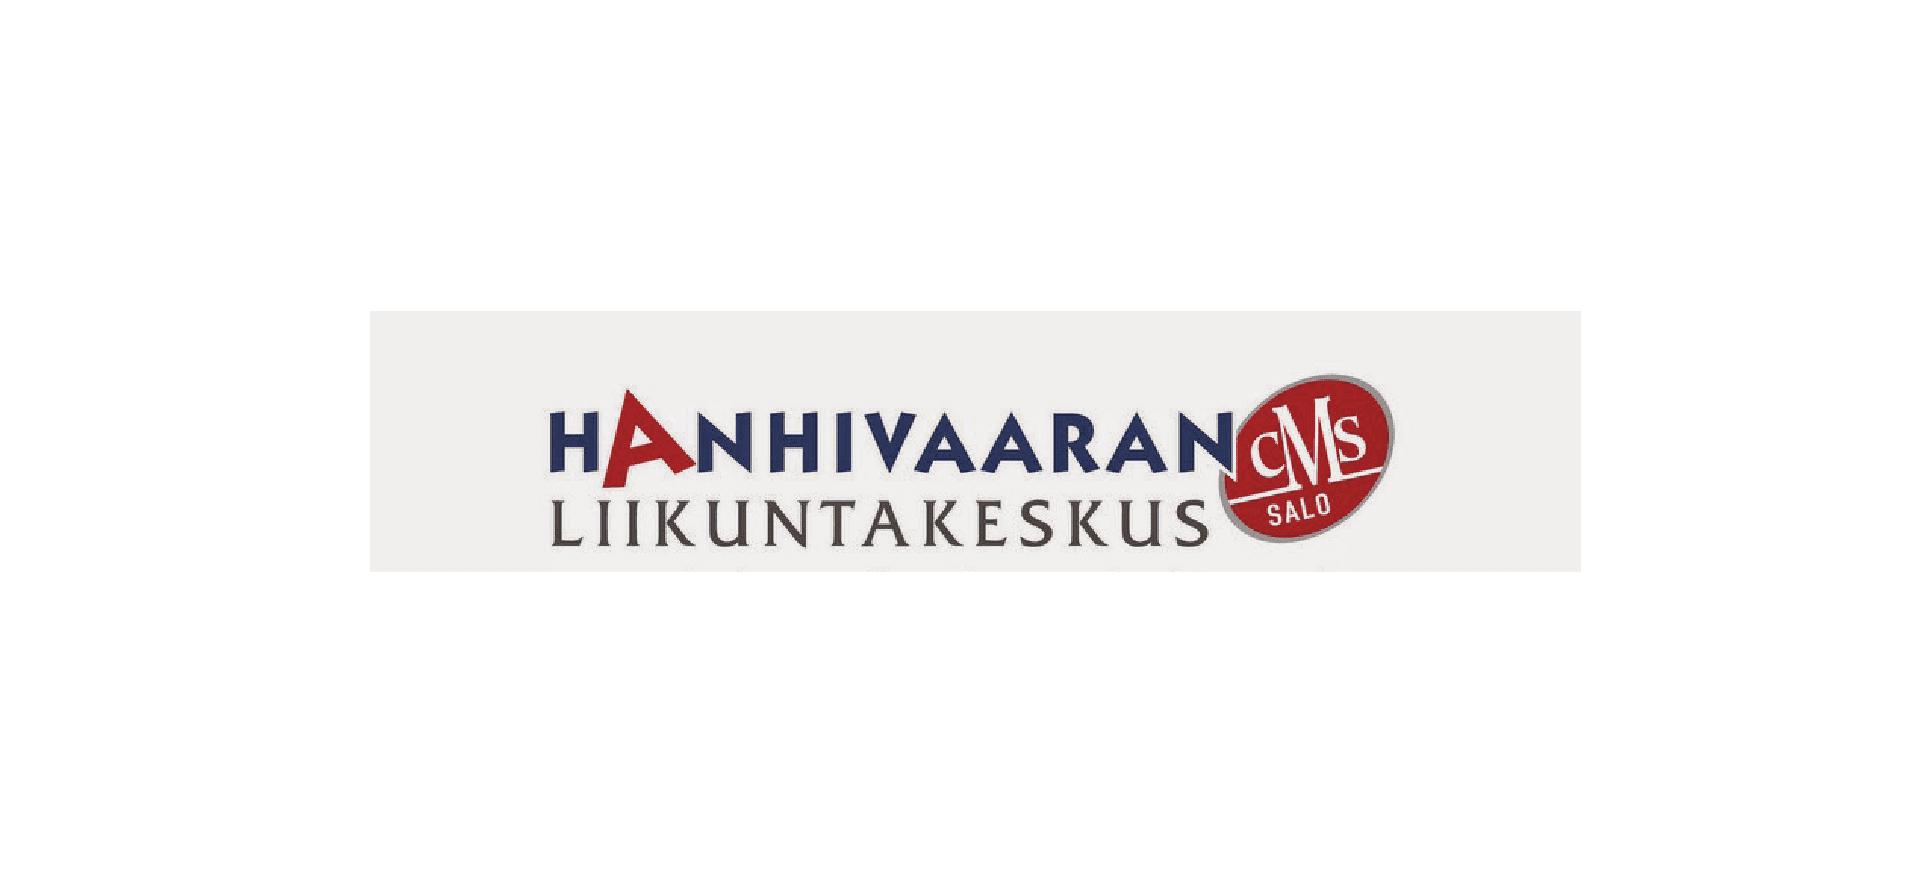 Hanhivaara